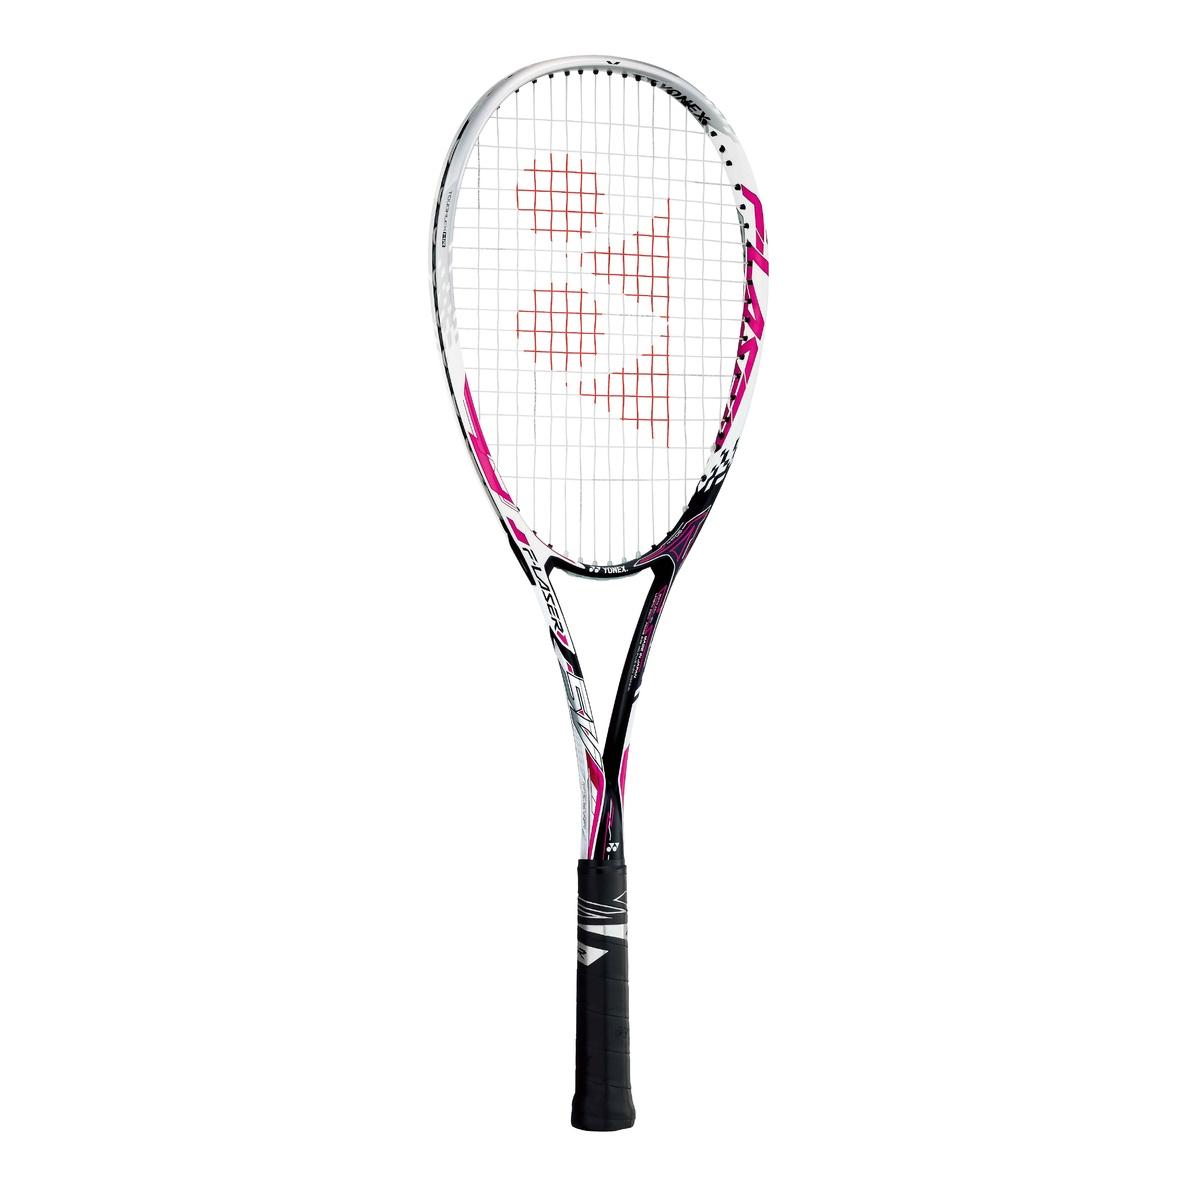 【送料無料】 YONEX (ヨネックス) 【フレームのみ】ソフトテニス フレームラケット エフレーザー5V P FLR5V